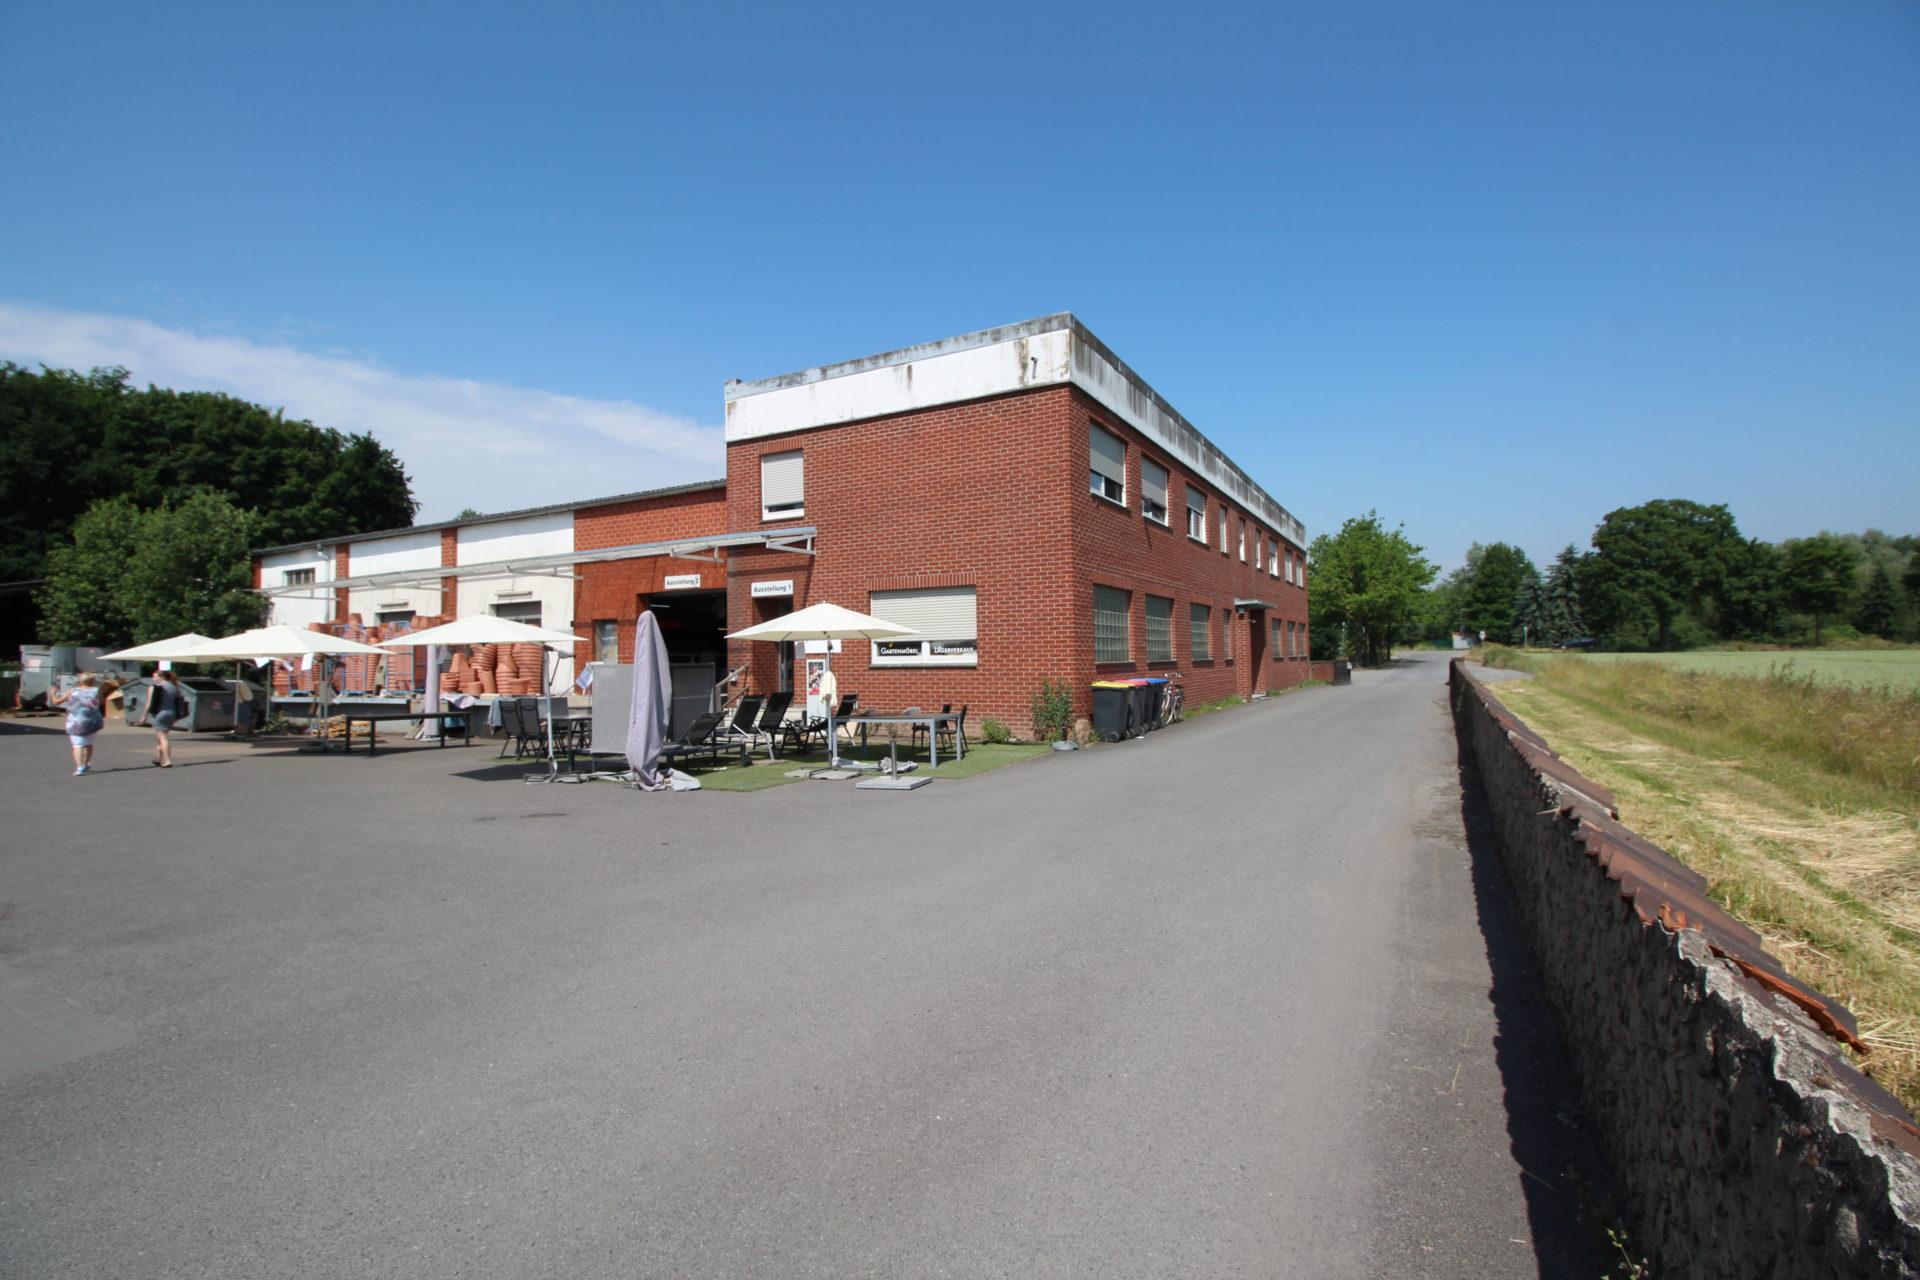 (Nr. 08158) 3 große Lagerhallen inkl. Verkaufsbereich und 1 Wohneinheit mit optimaler Anbindung in Nottuln